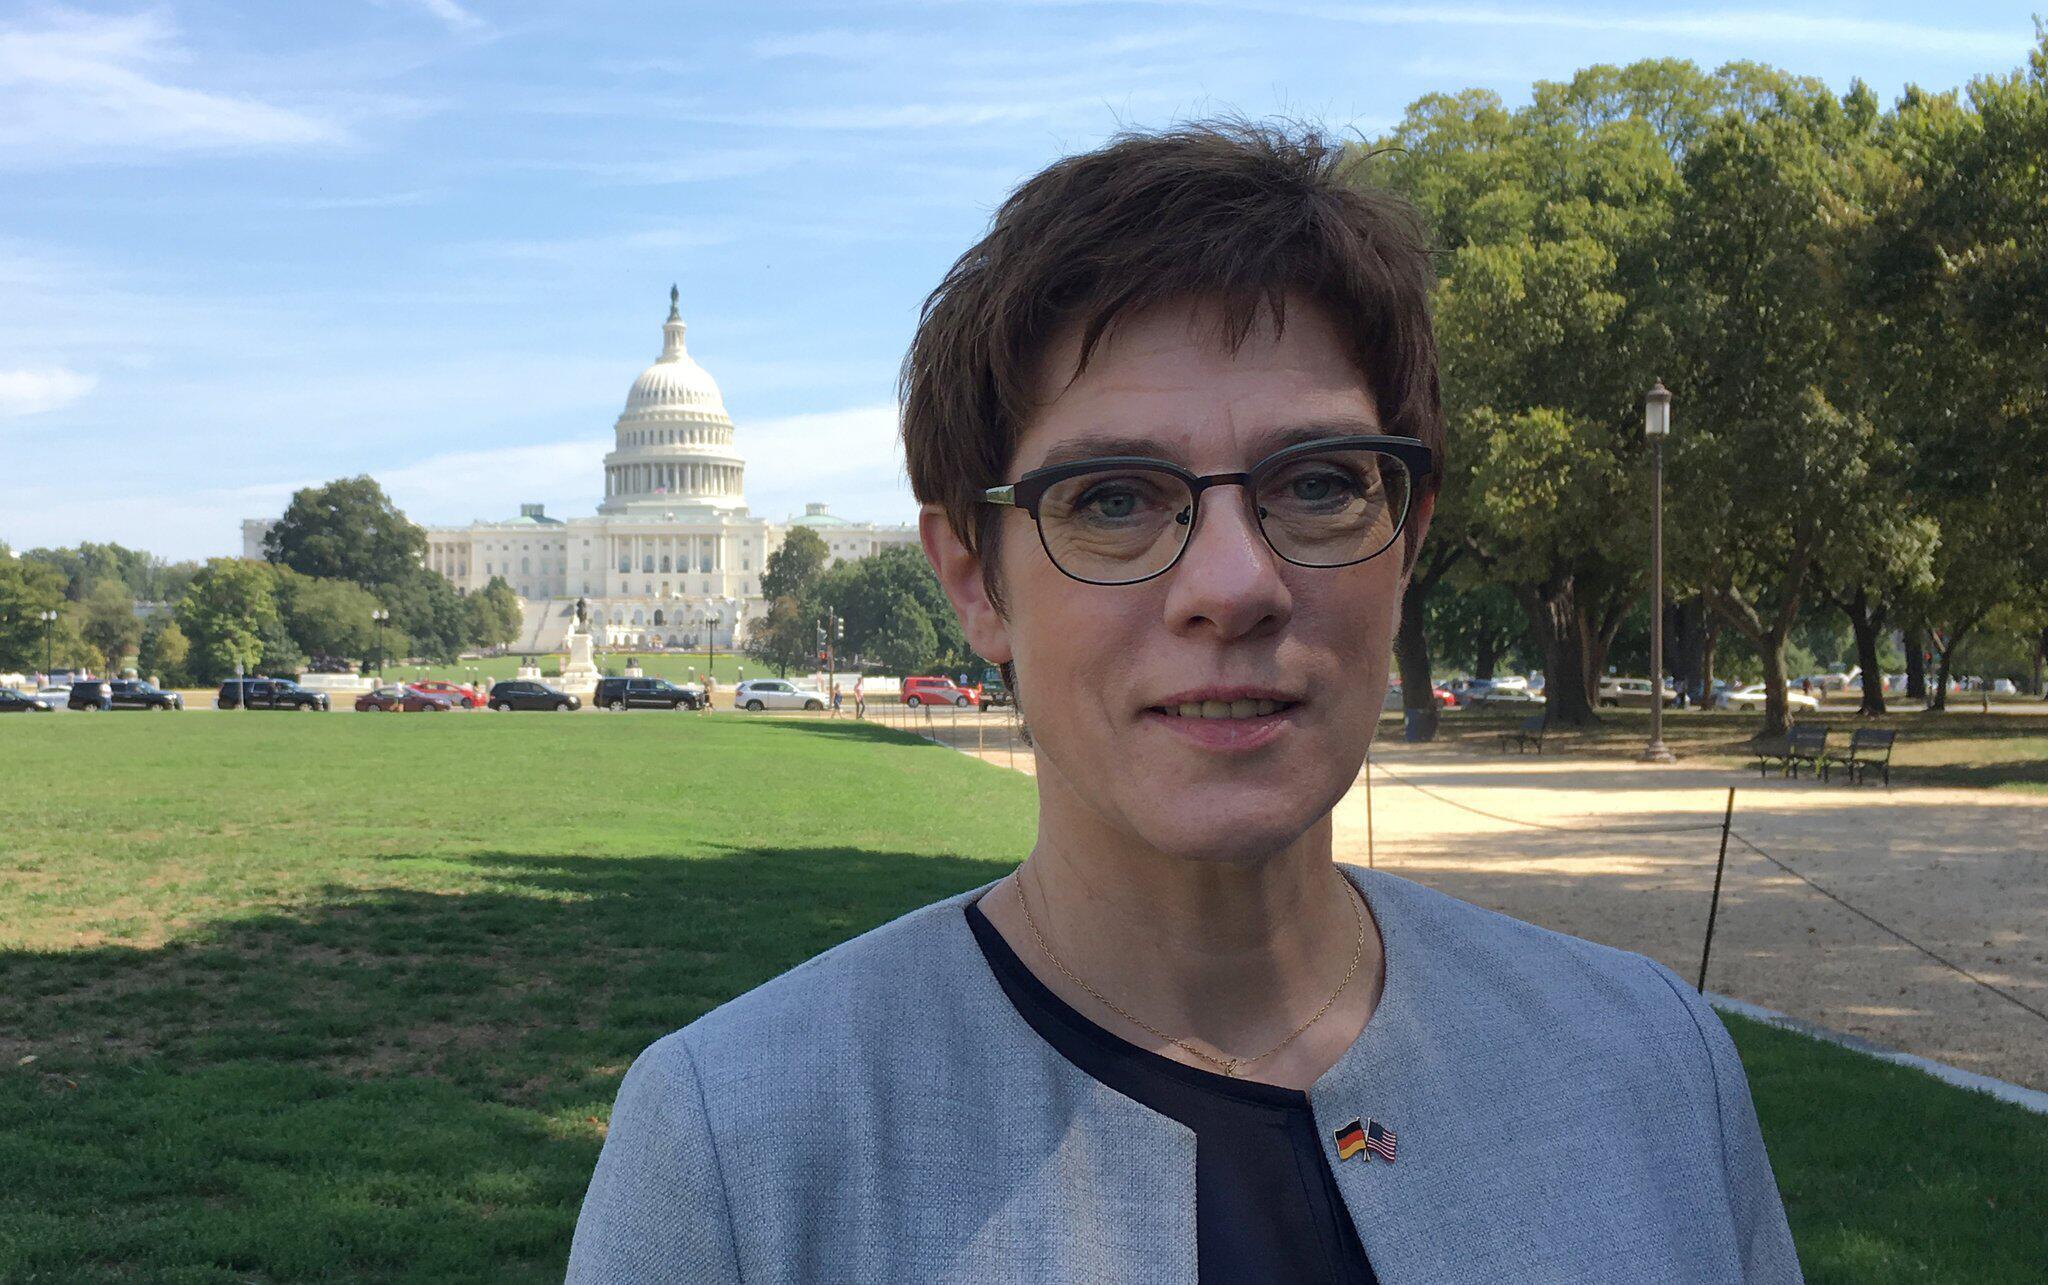 Bild zu Verteidigungsministerin in Washington